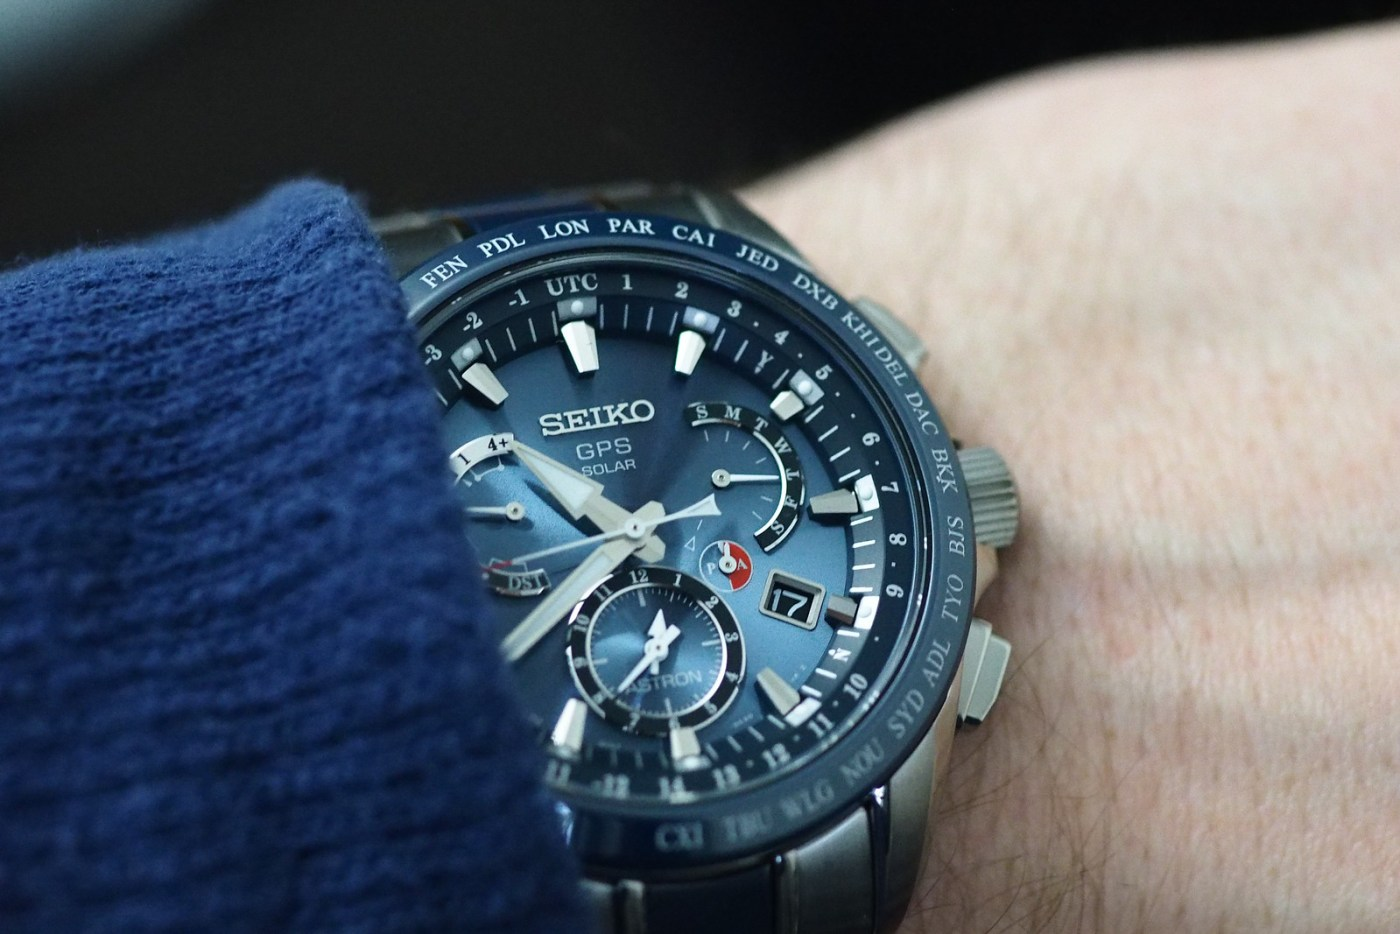 Seiko Astron GPS Solar Dual-Time wristshot